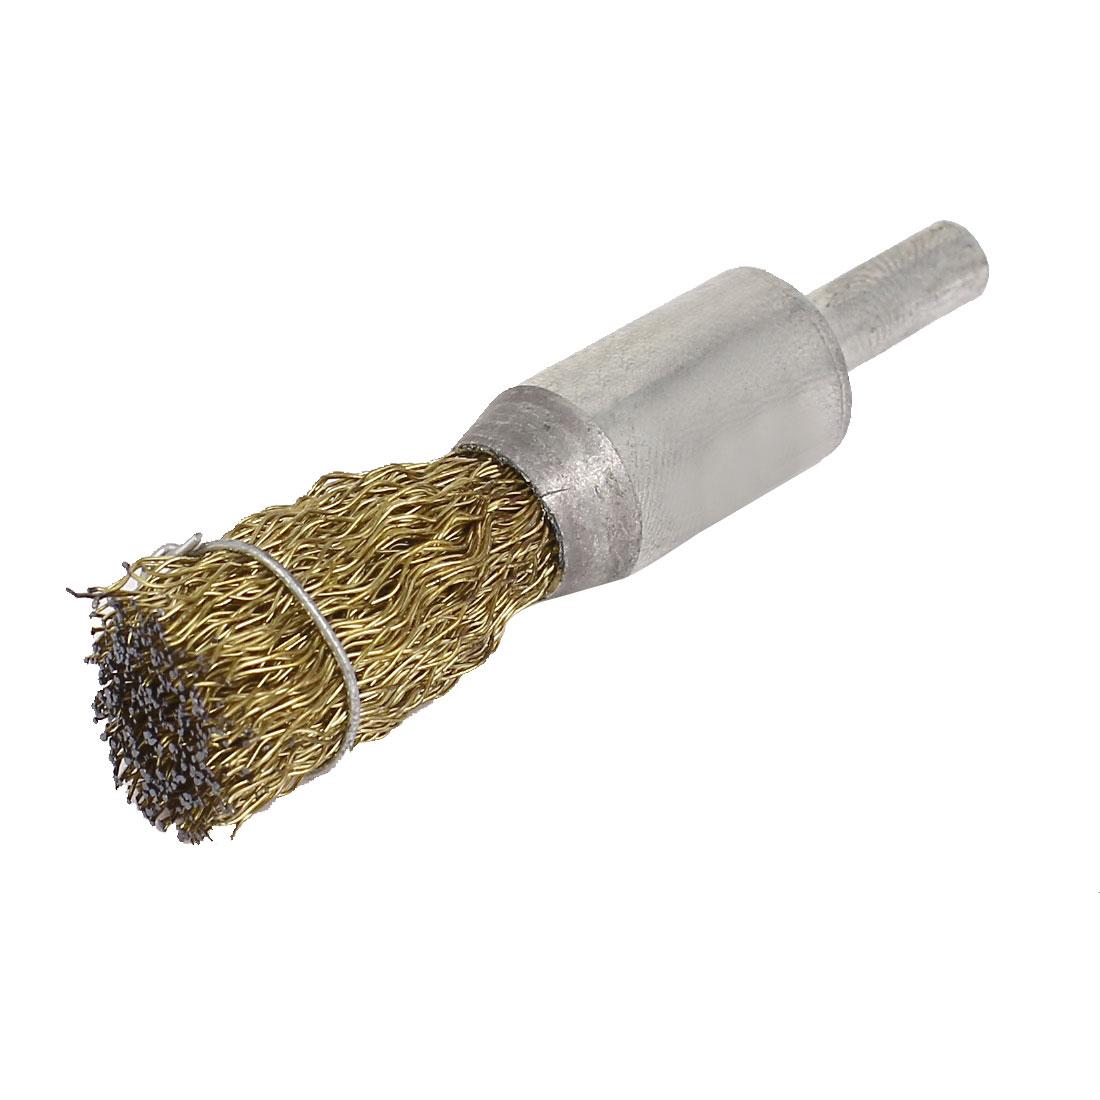 6mm Round Shank 15mm Diameter Steel Wire Wheel Brush Hand Tool 70mm Long